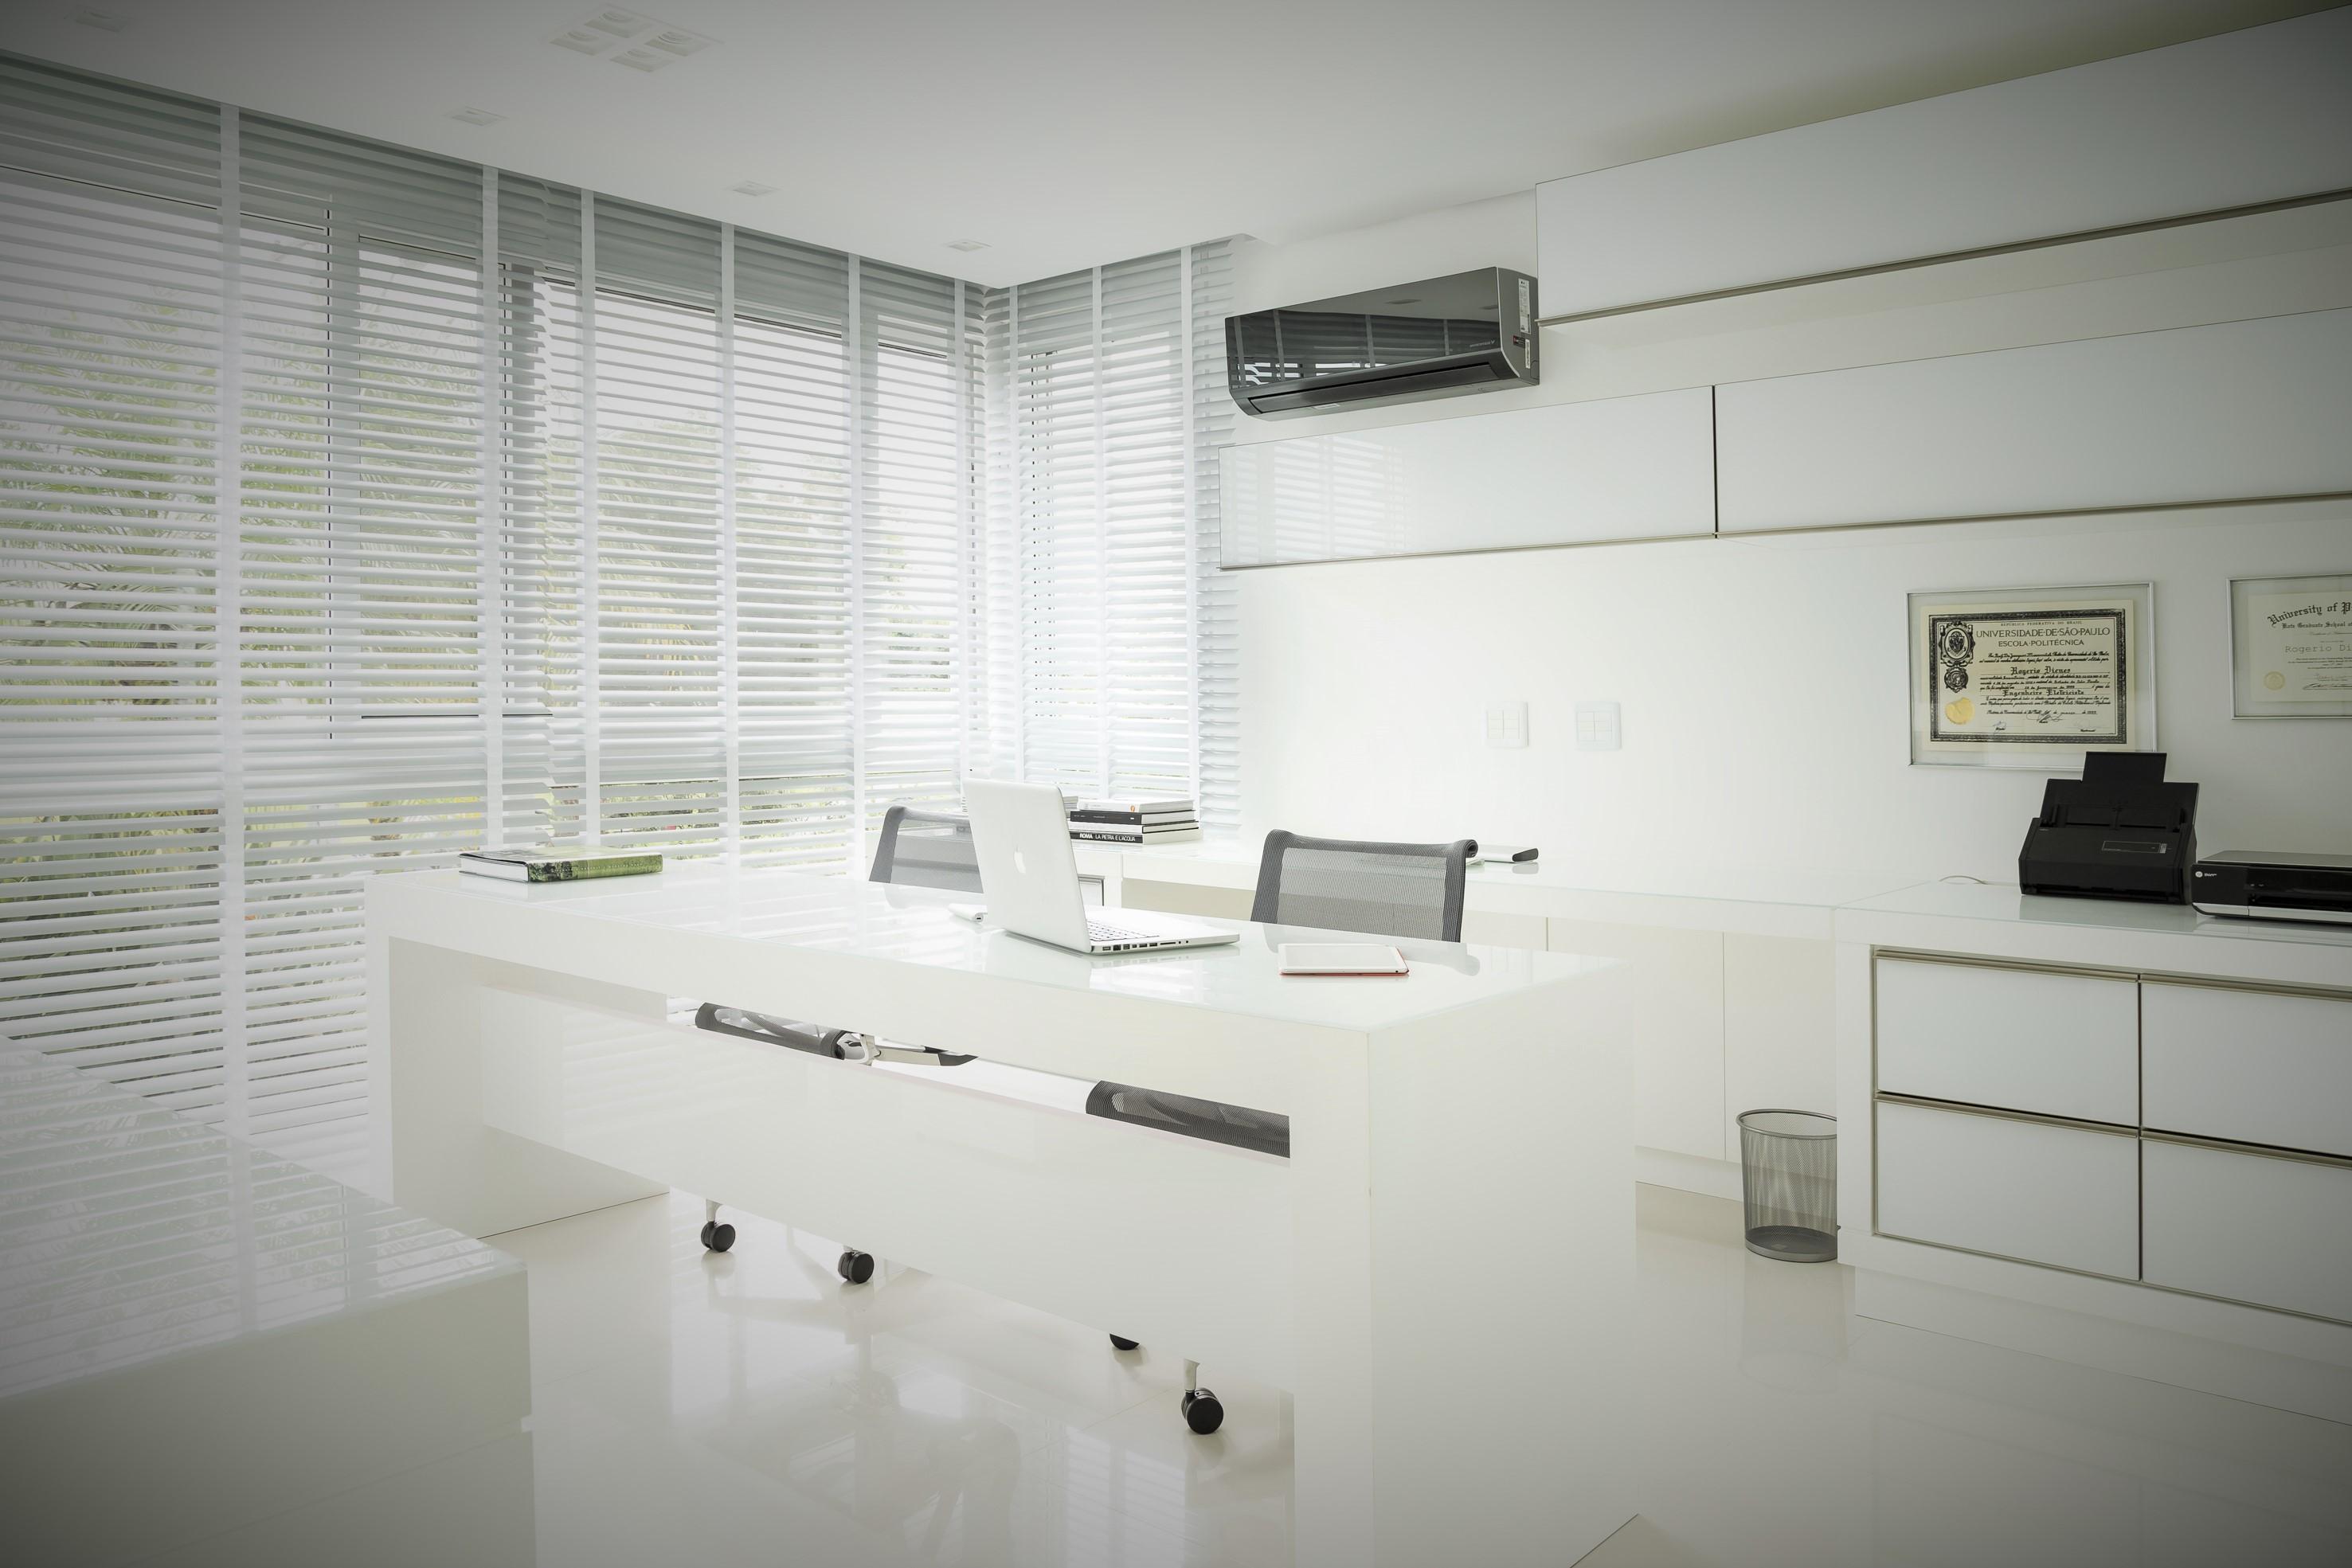 Escritório com móveis de linhas simples e com branca predominante